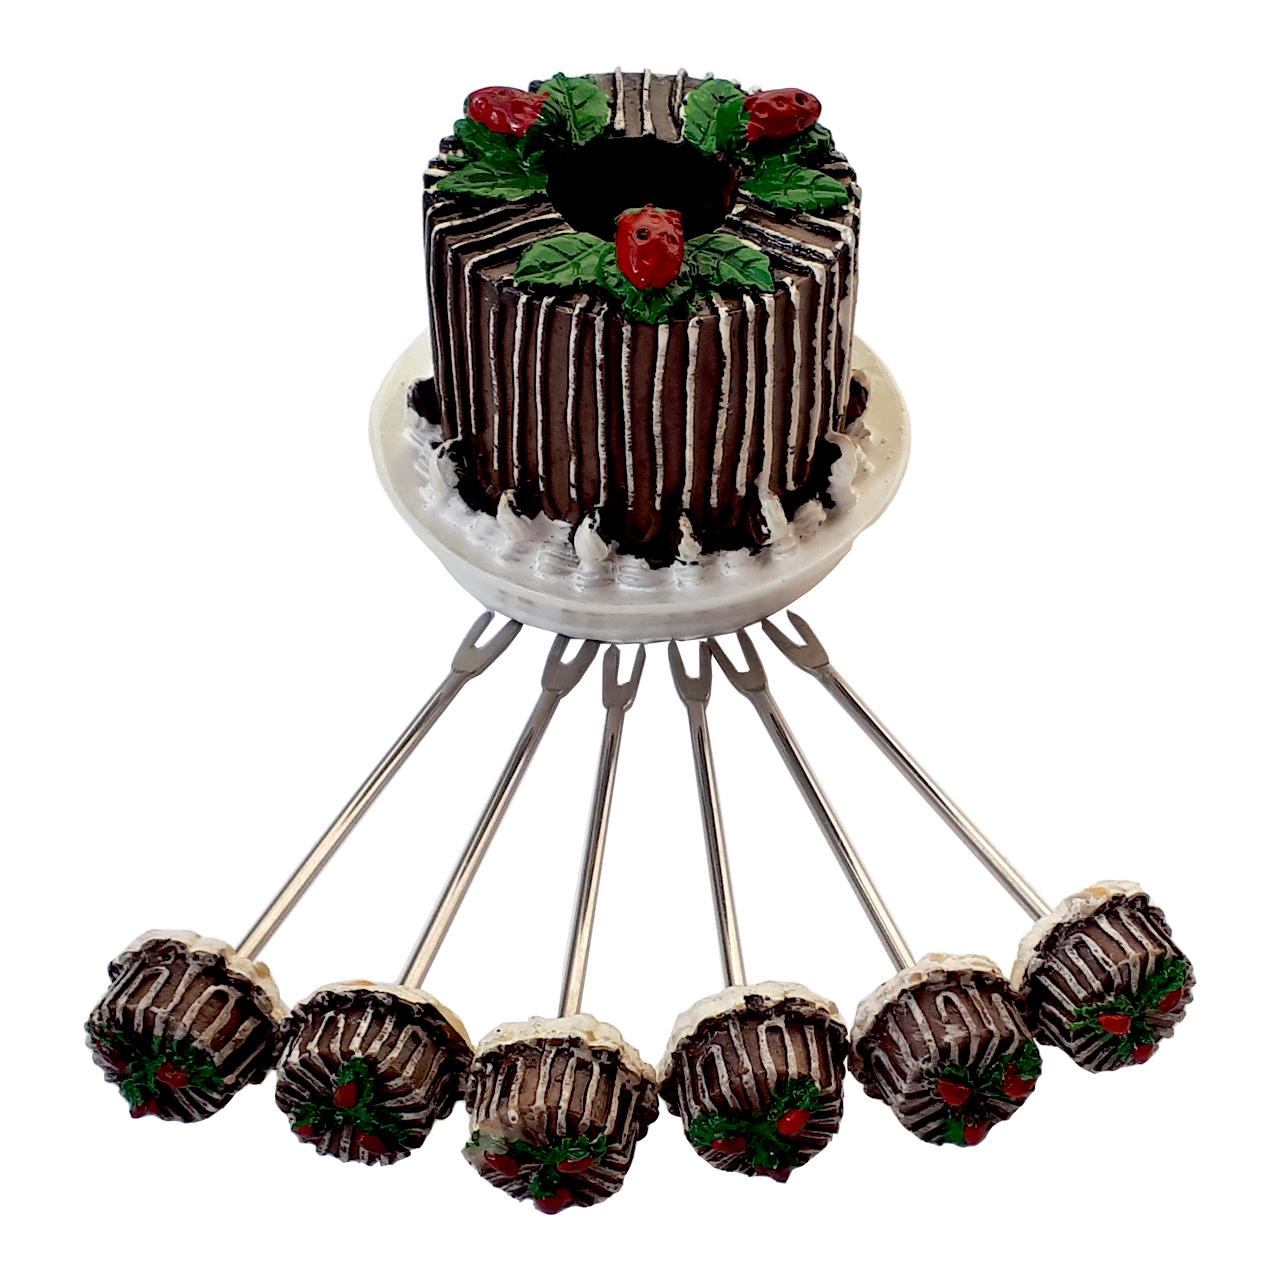 زیتون خوری مدل کیک شکلاتی مجموعه 7 عددی